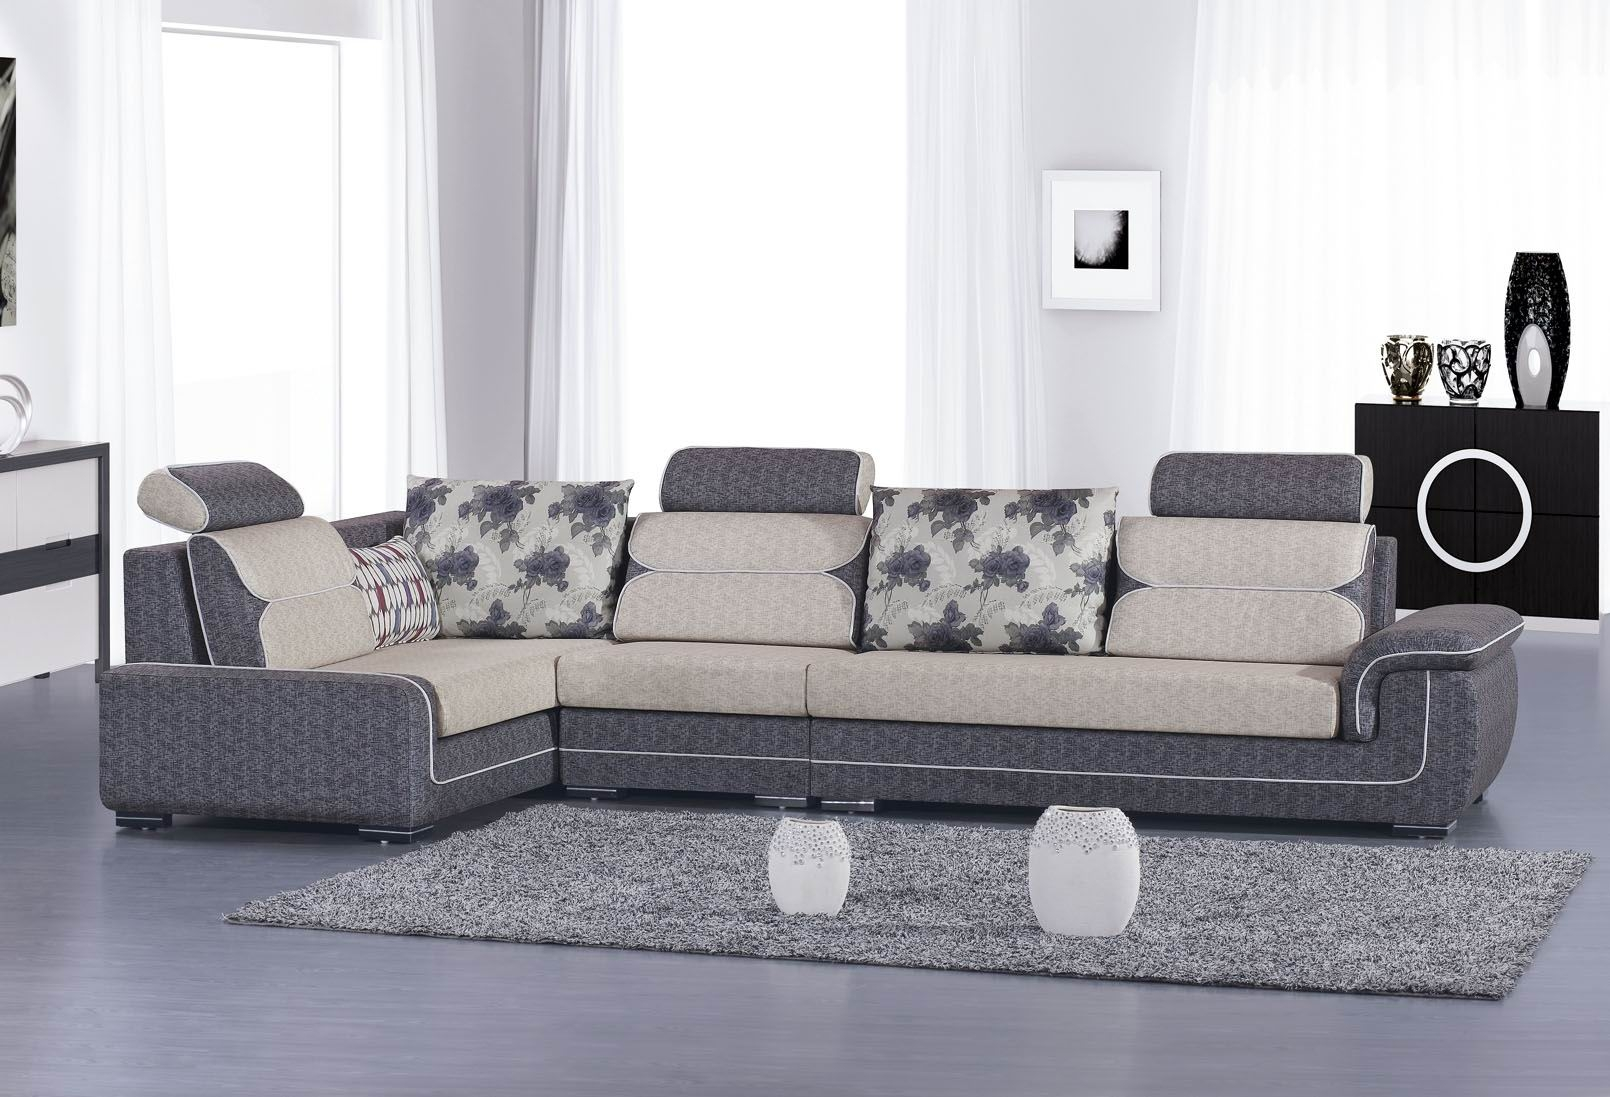 Hình ảnh cho mẫu ghế sofa phòng khách đẹp được đóng tại Nội thất Asami